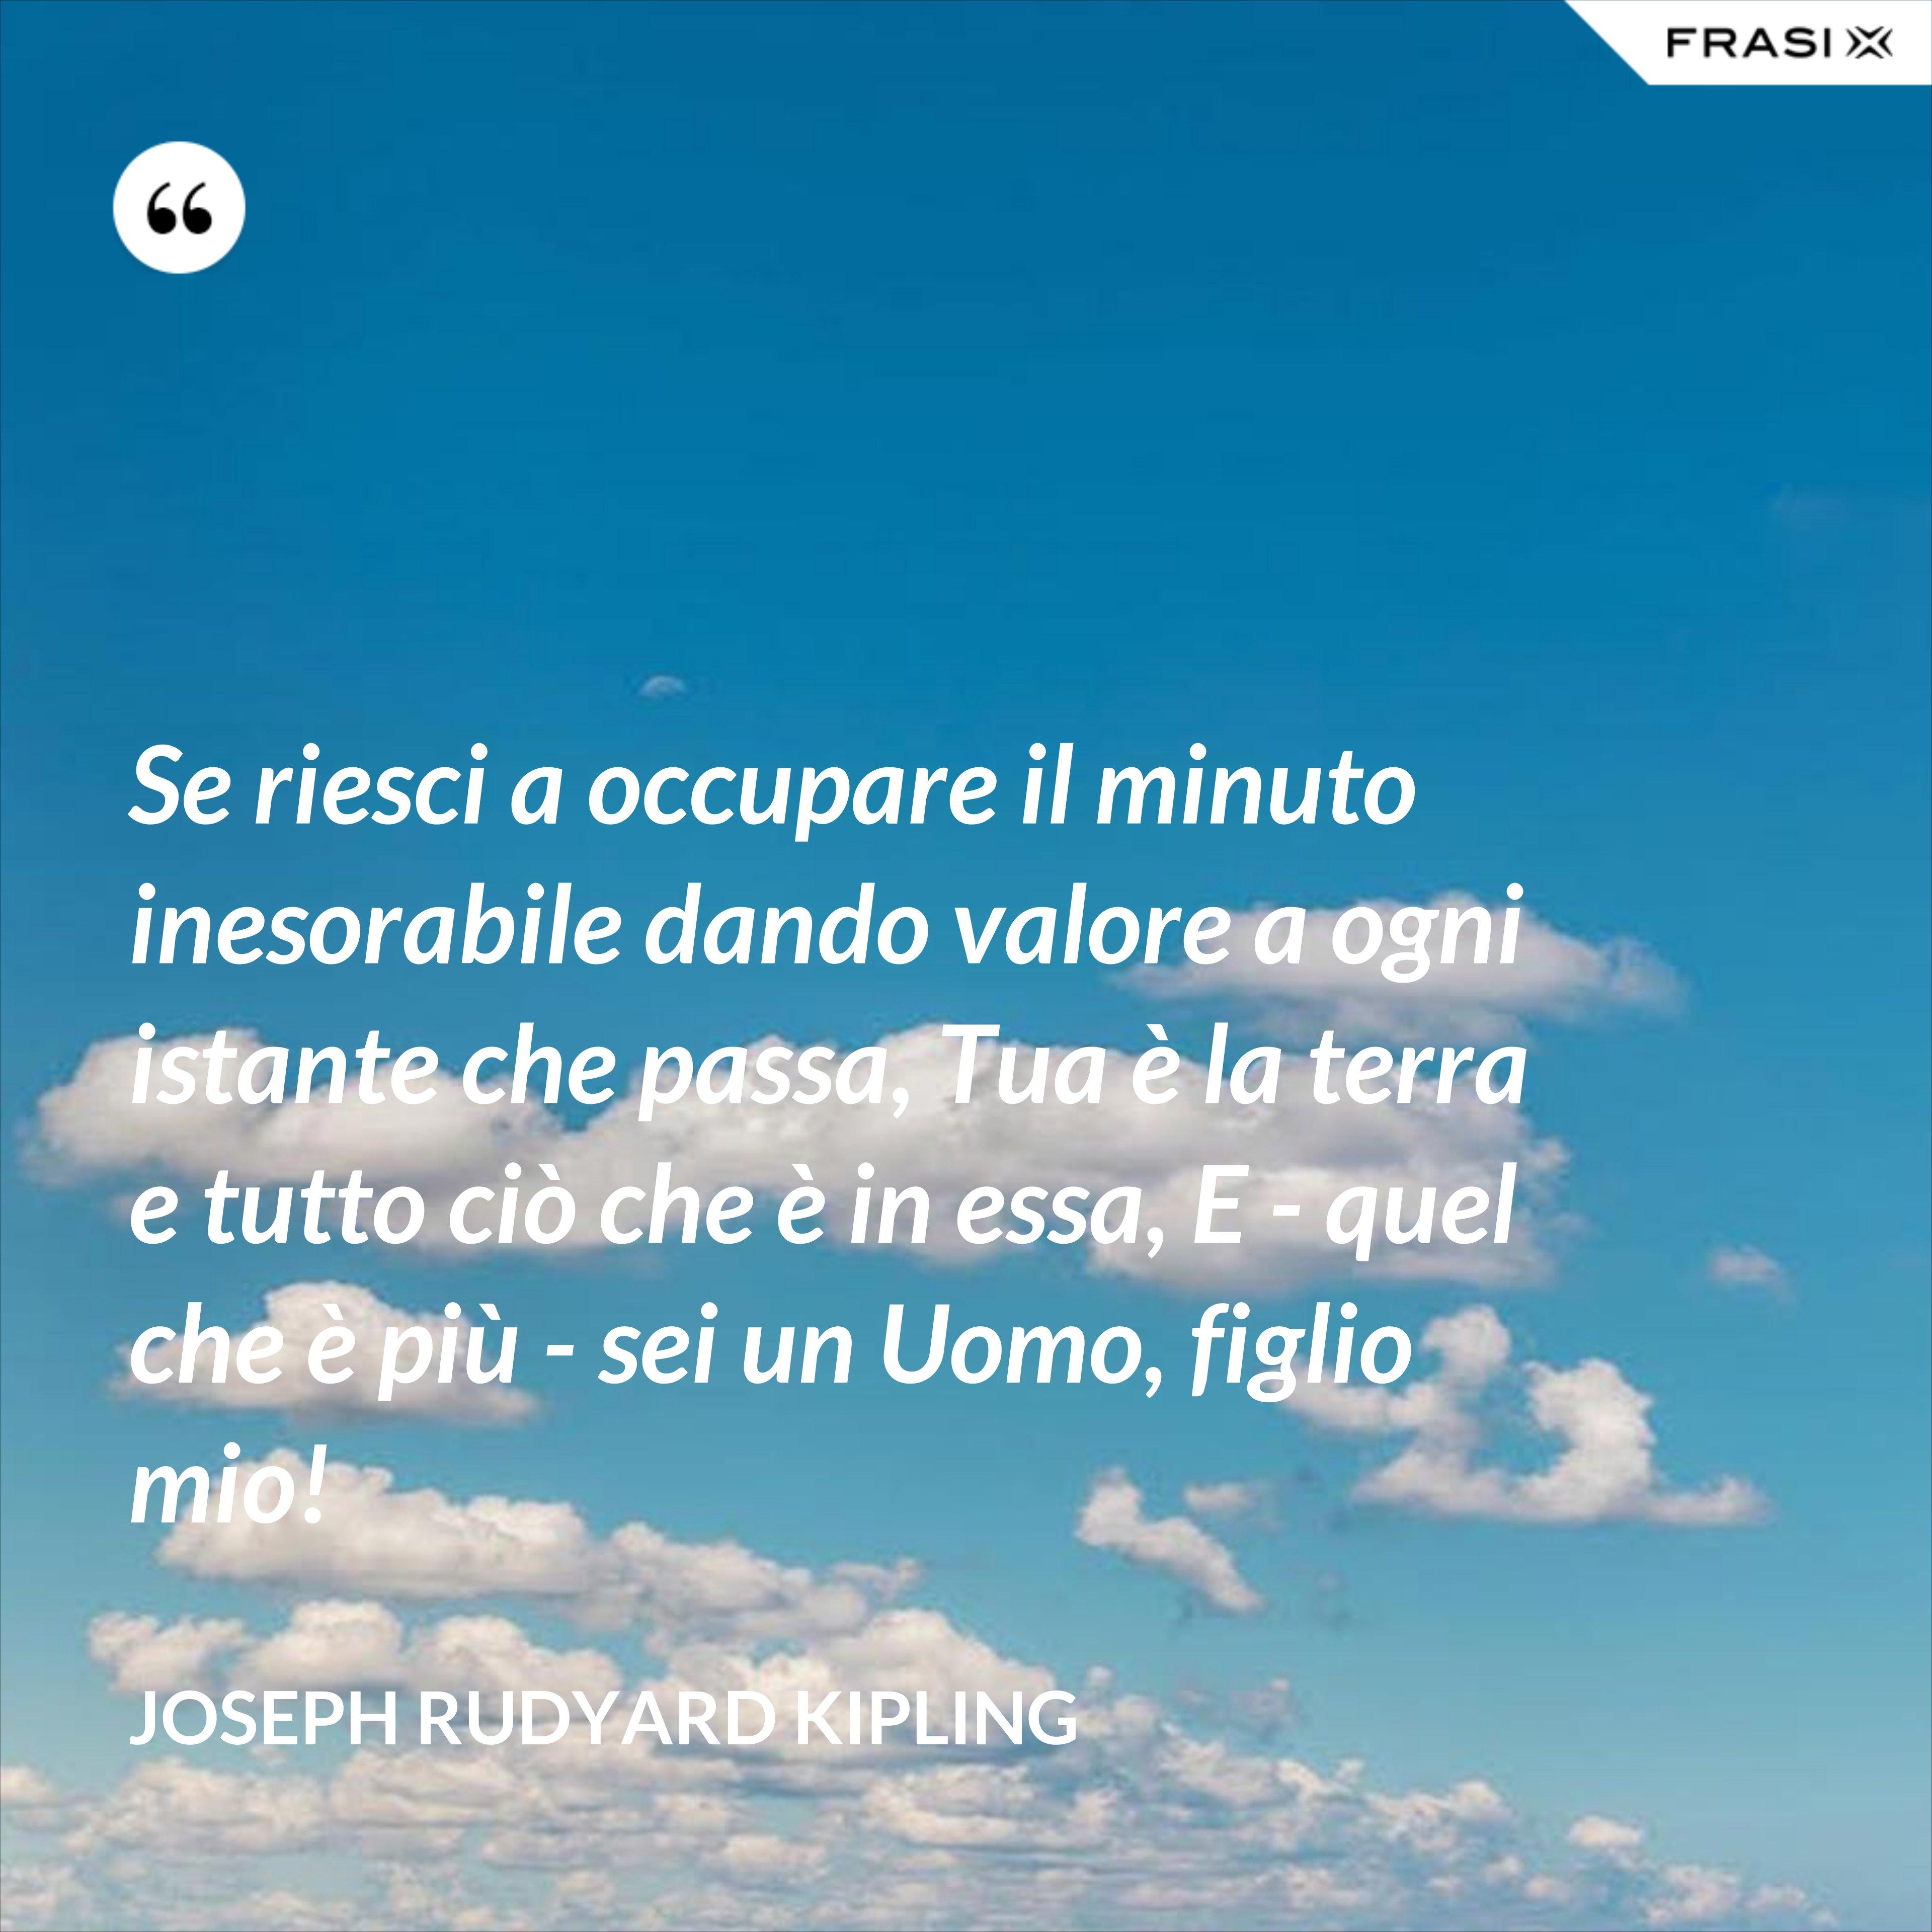 Se riesci a occupare il minuto inesorabile dando valore a ogni istante che passa, Tua è la terra e tutto ciò che è in essa, E - quel che è più - sei un Uomo, figlio mio! - Joseph Rudyard Kipling